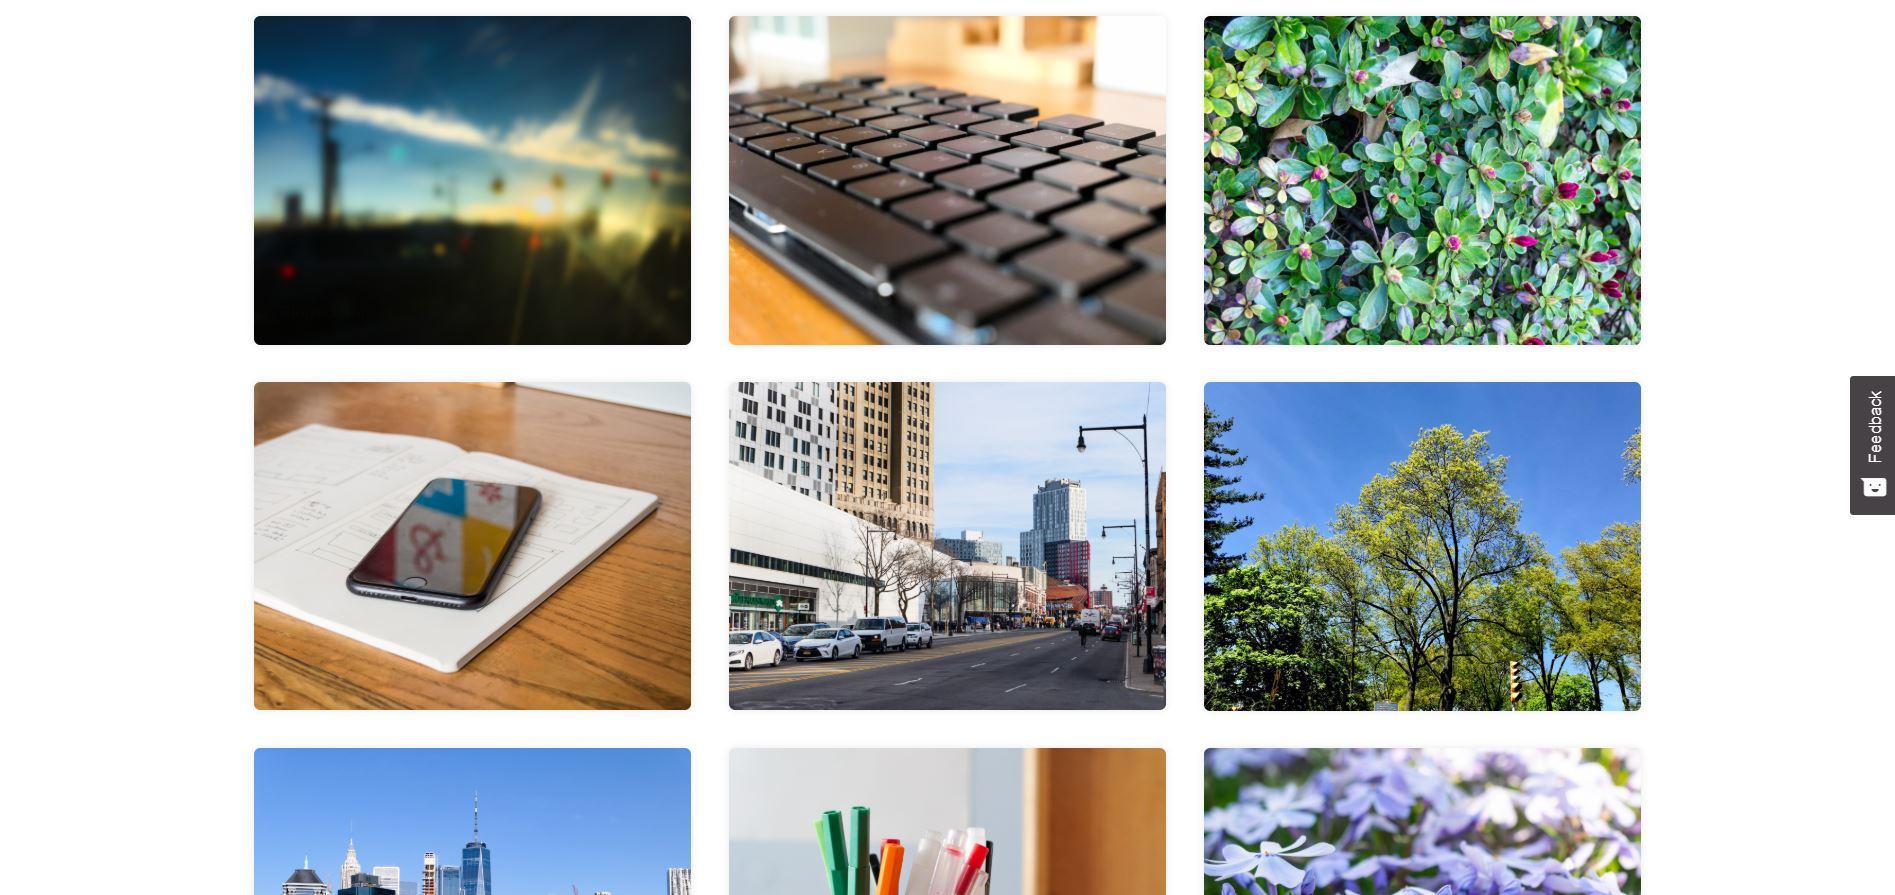 70 Bancos de Imagens Grátis Sites de Fotos Gratuitas 10